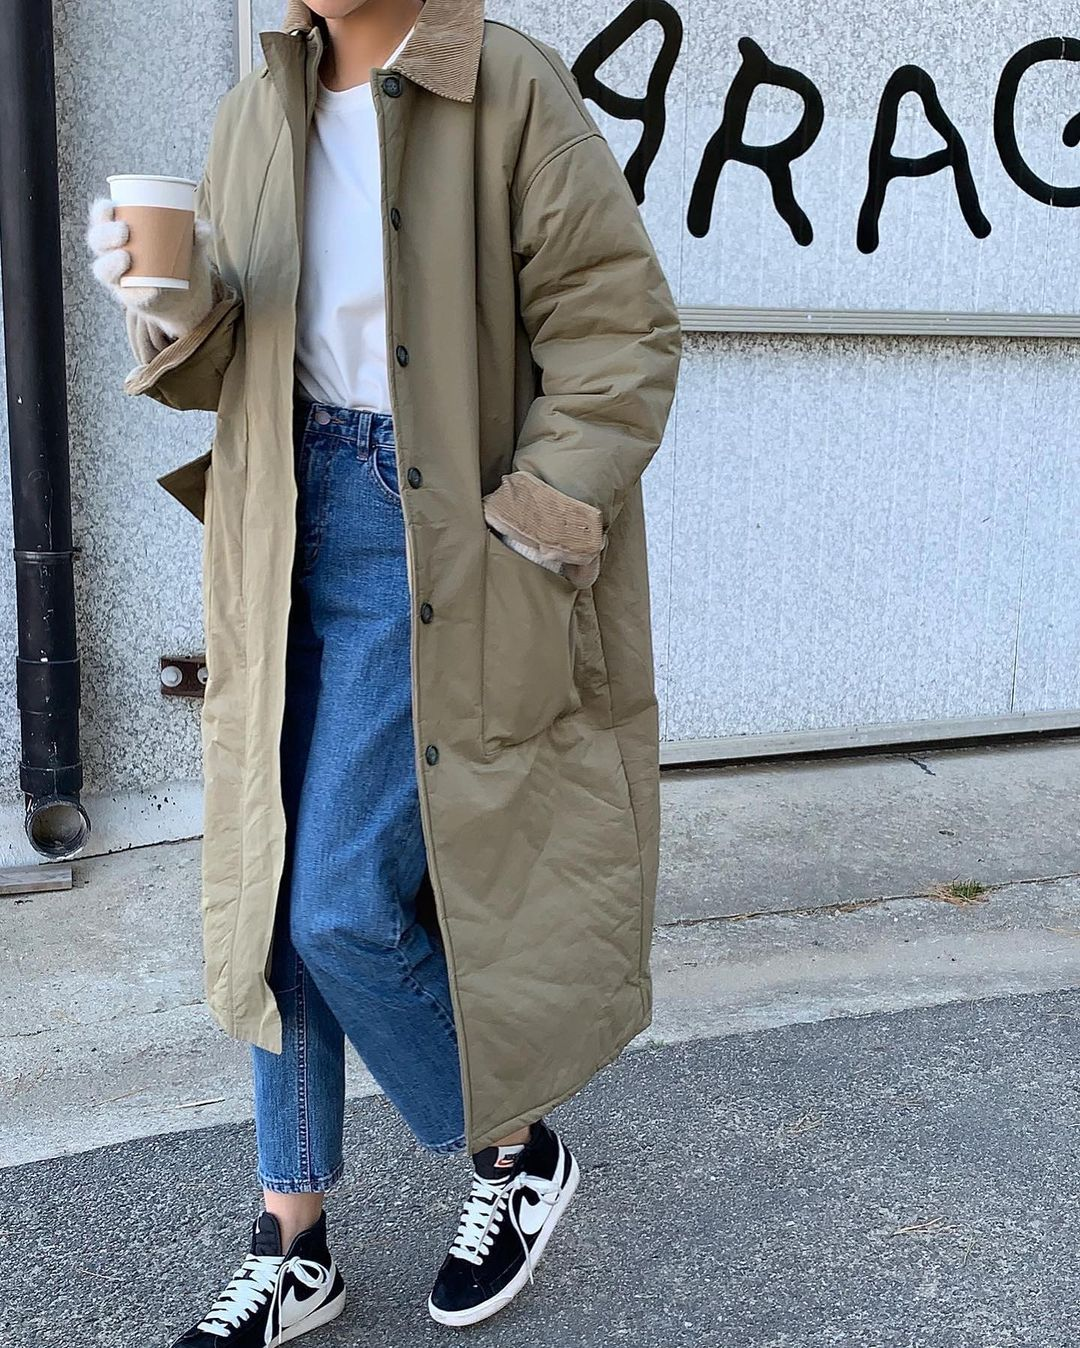 Những outfit sành điệu 100 điểm thường có 5 items này, bạn mau sắm bằng hết để style lên như diều gặp gió - Hình 12